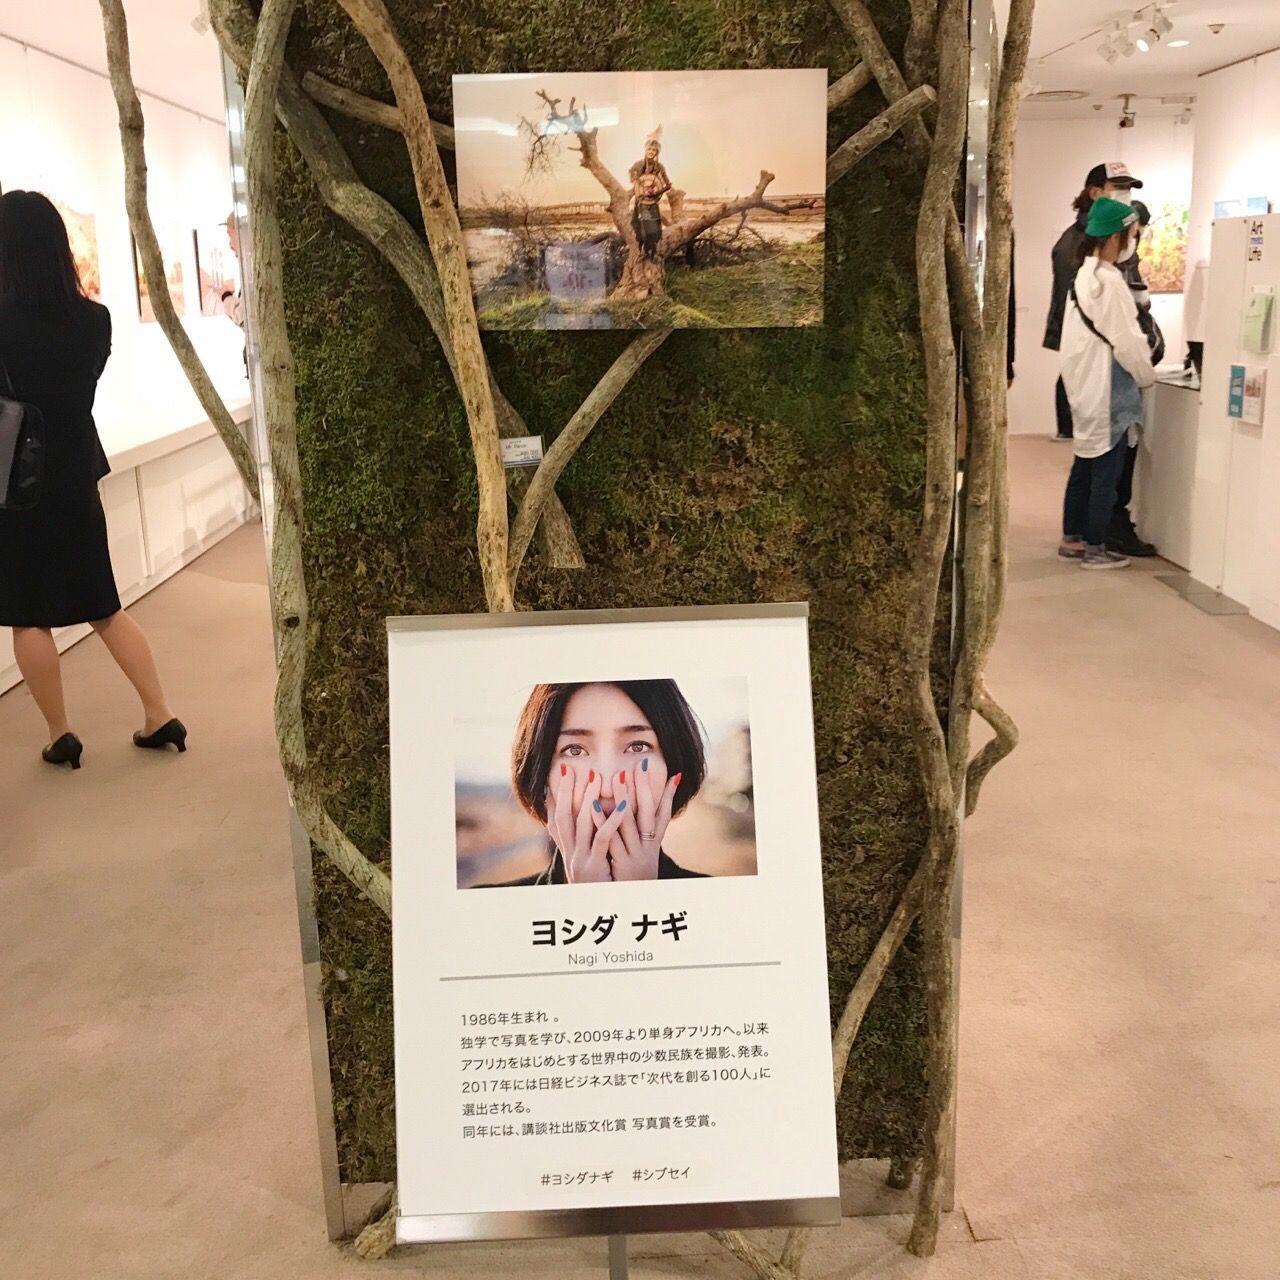 ヨシダナギ「HEROES」写真展